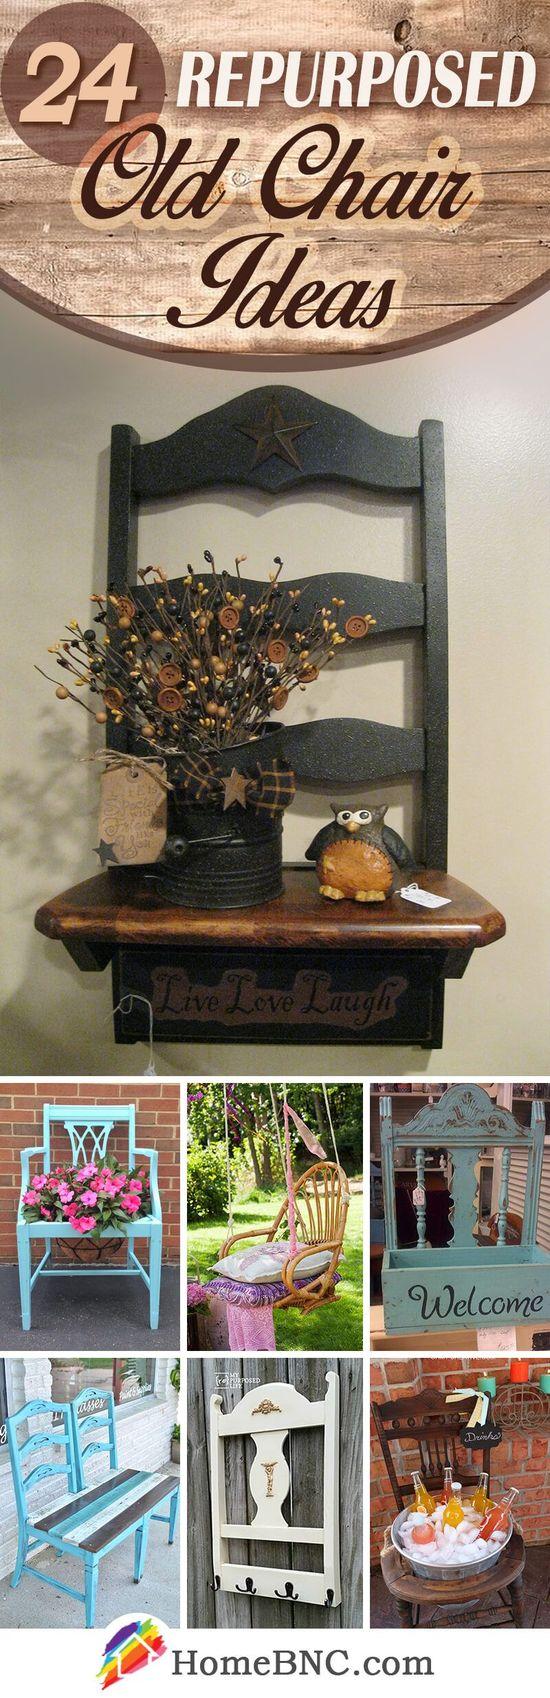 Repurposed chair ideas my repurposed life - Great Repurposed Items